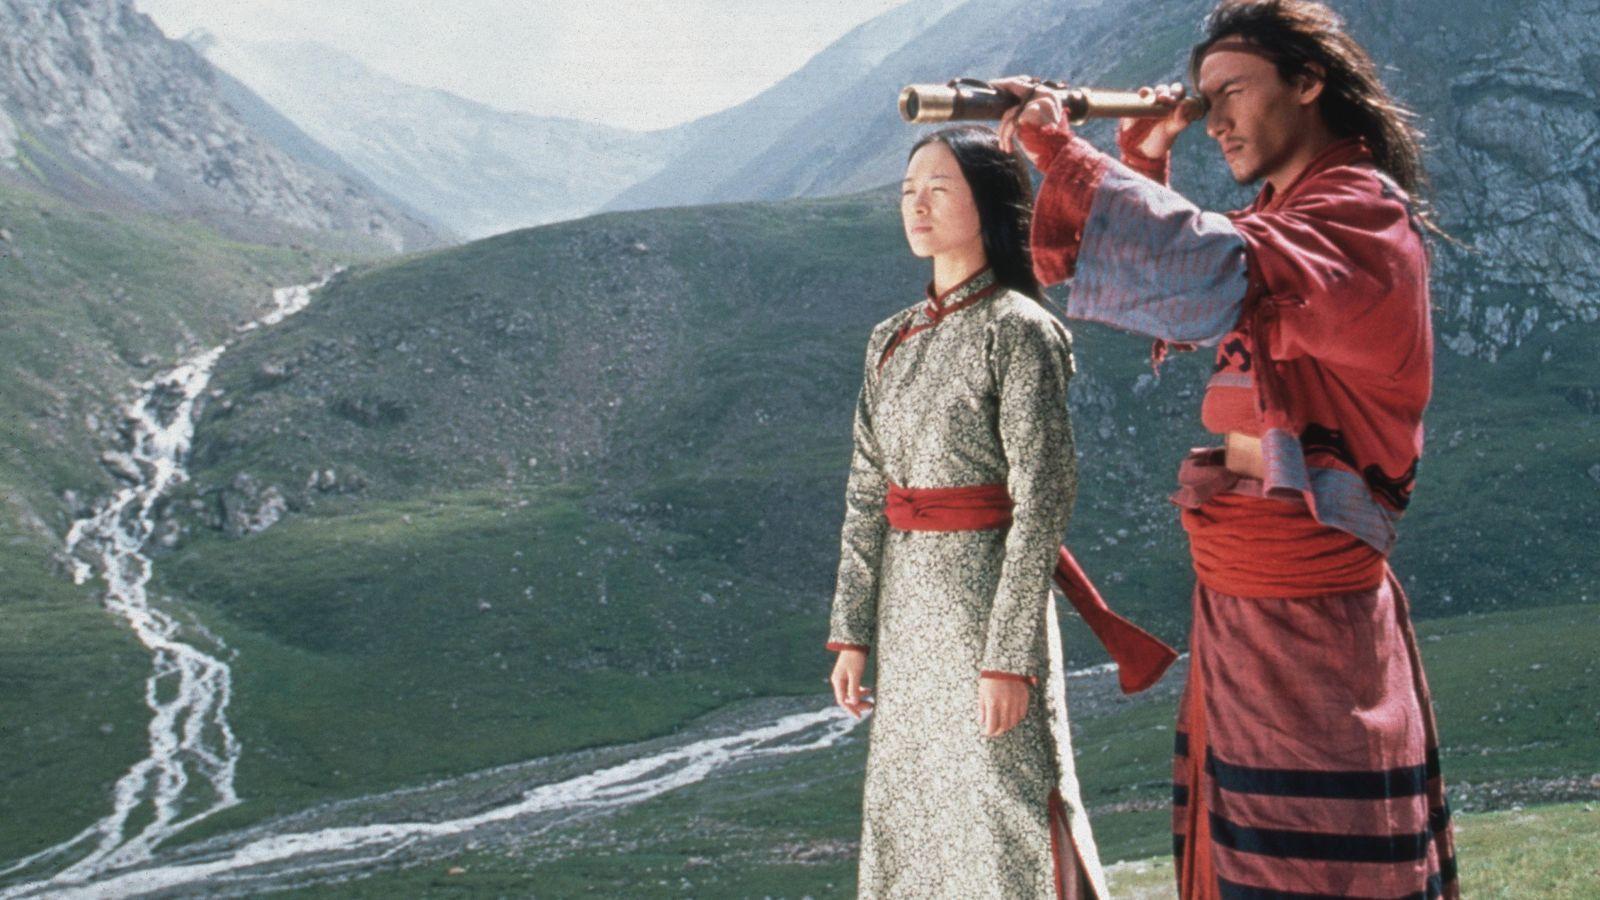 Egy olyan klasszikus 2000-ből, amit már csak nézni is maga a csoda. Nem igen láttunk előtte fákon lebegni színészeket, akik ráadásul a jelenetek nagy részét kaszkadőrök nélkül, maguk játszották el még hihetetlenebbé téve az egészet. A film egyértelműen nem várt gigasiker lett, még úgy is, hogy egyébként a nyugati közönség számára készítették. (Chan Kam Chuen/Columbia/Sony/Kobal/Shutterstock)